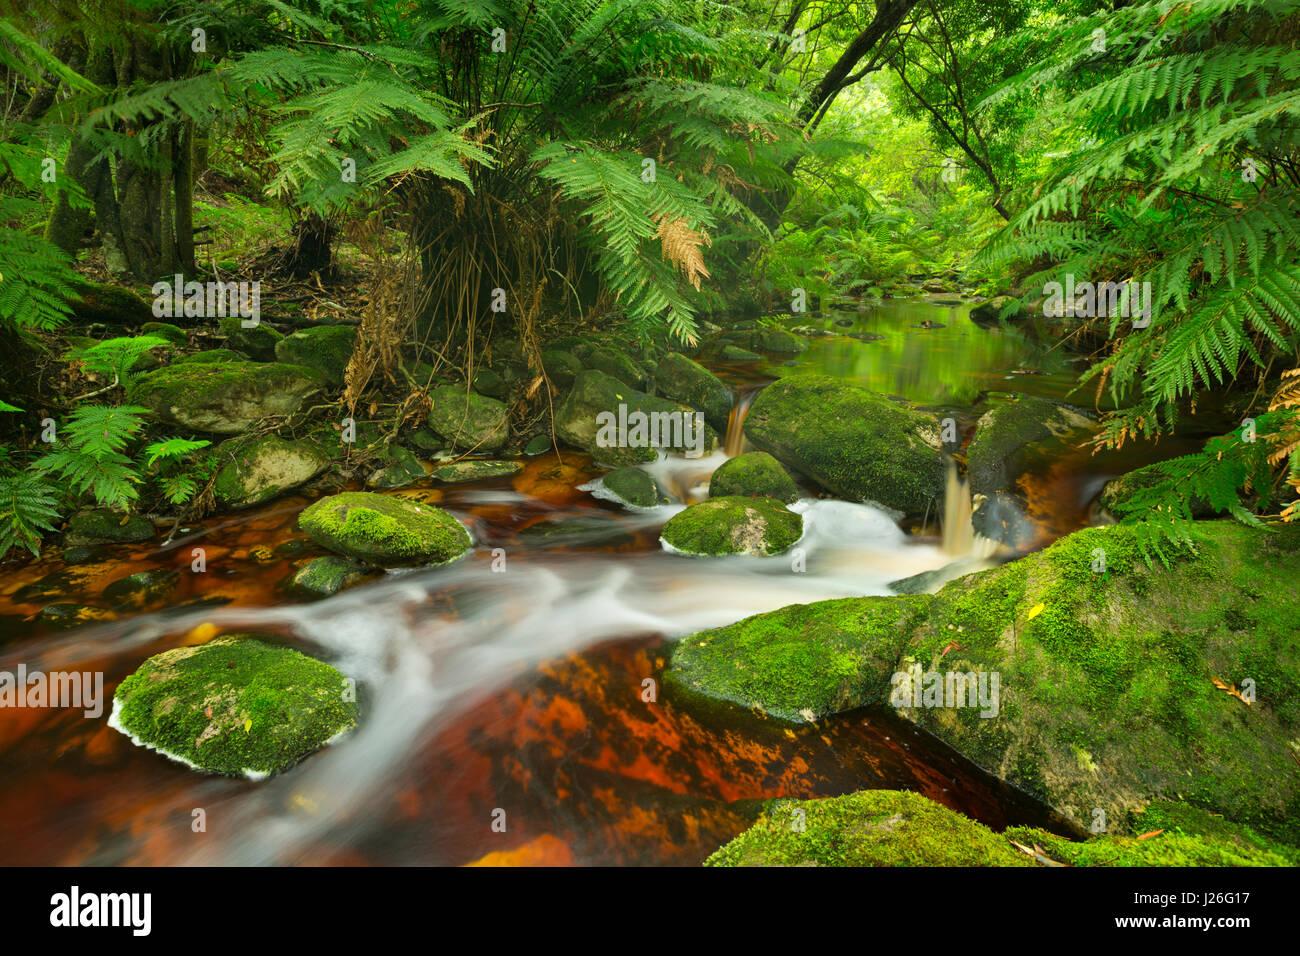 La rivière Rouge à travers la forêt pluviale tempérée luxuriante dans le Parc National Photo Stock